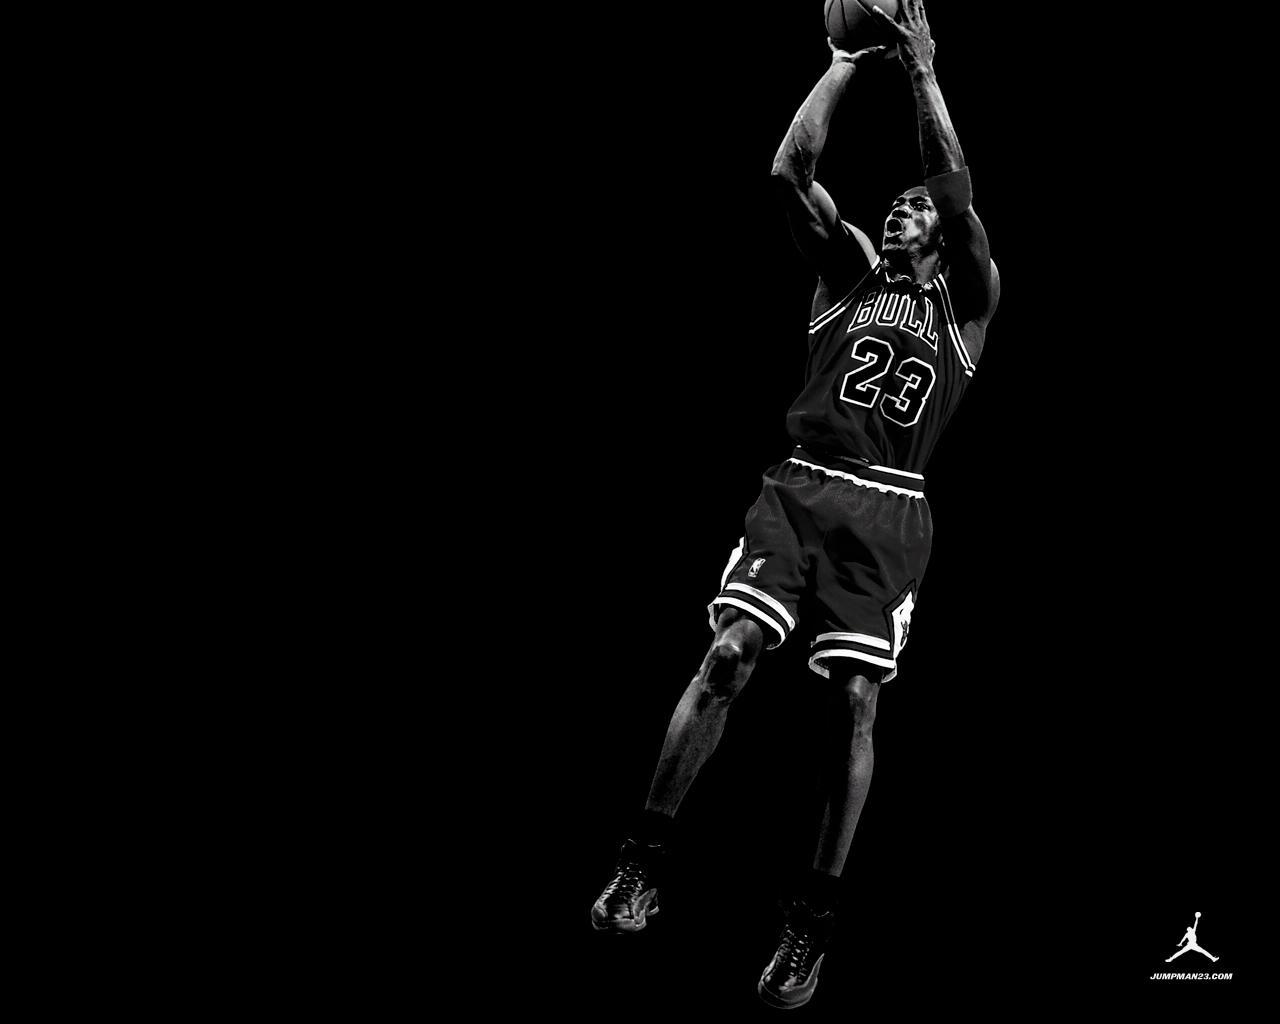 Air Jordan Wallpaper Sf Wallpaper